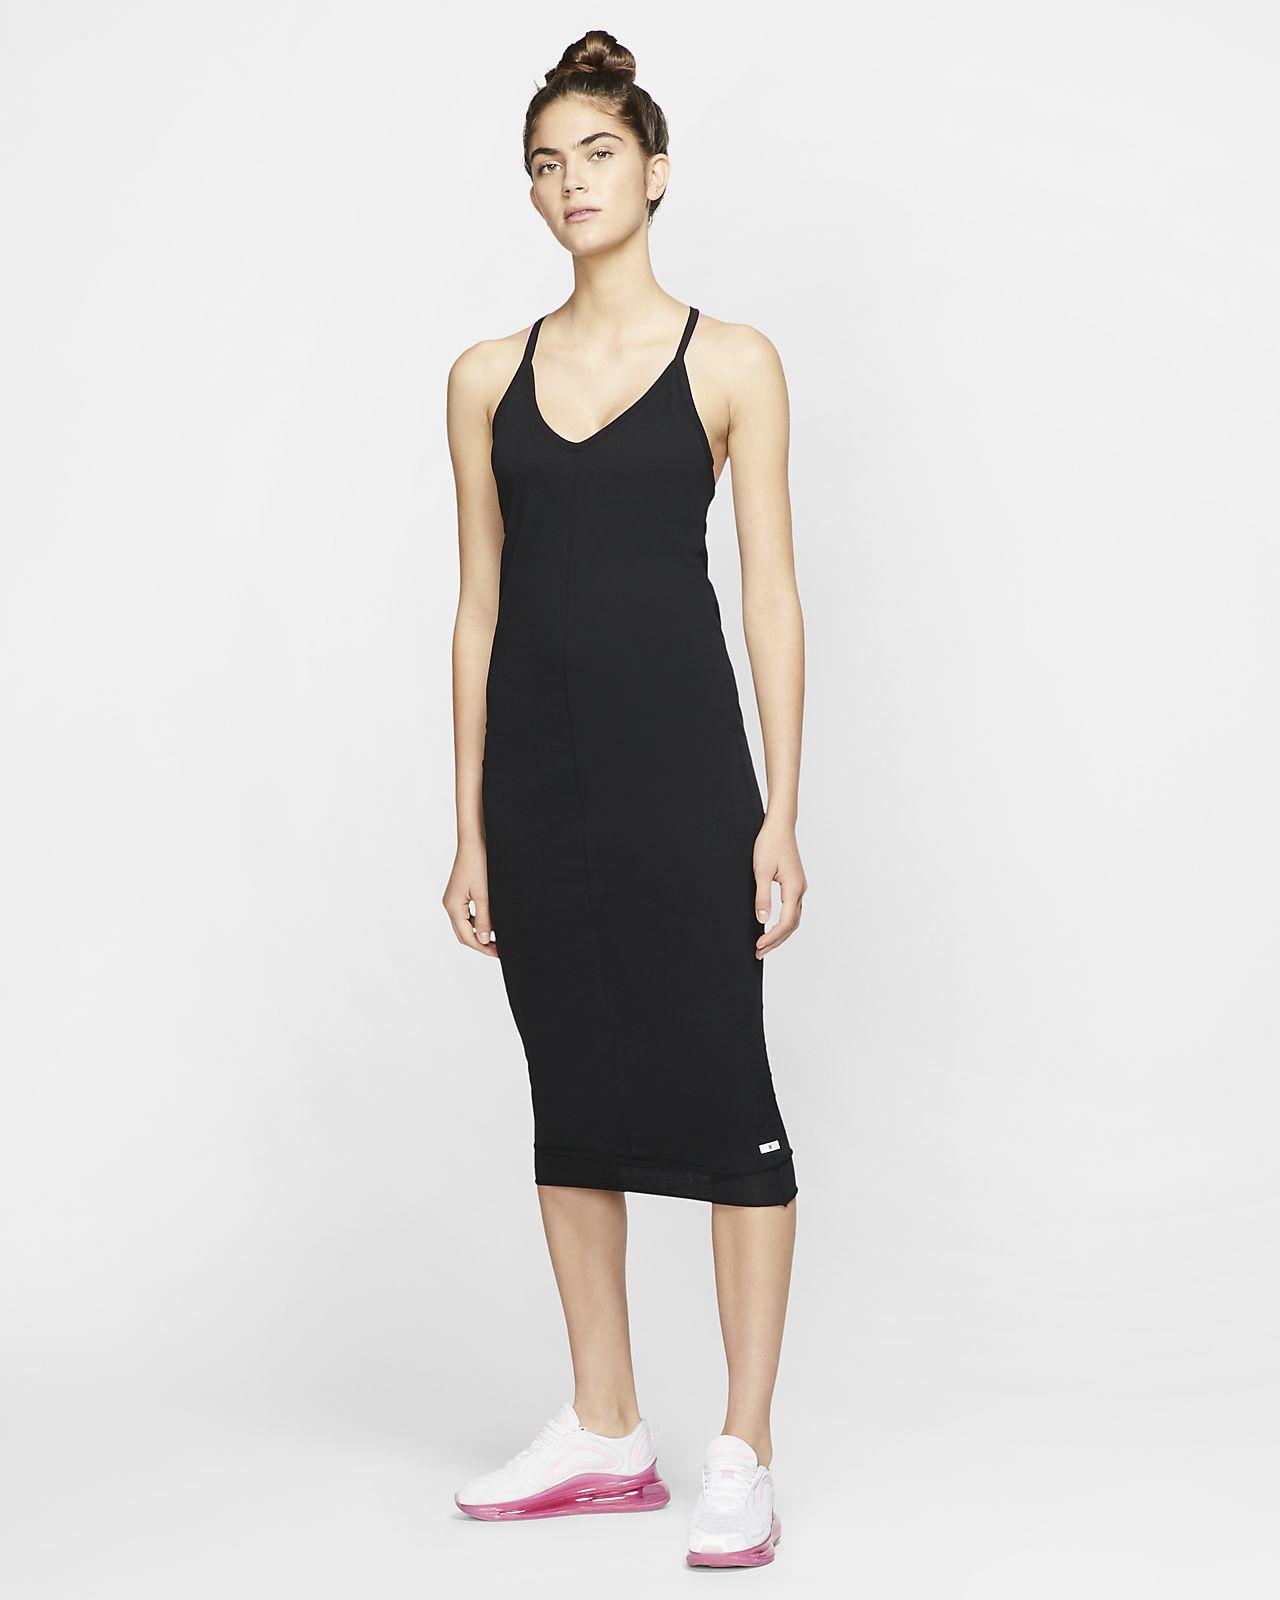 Hurley Dri-FIT Cami Women's Dress